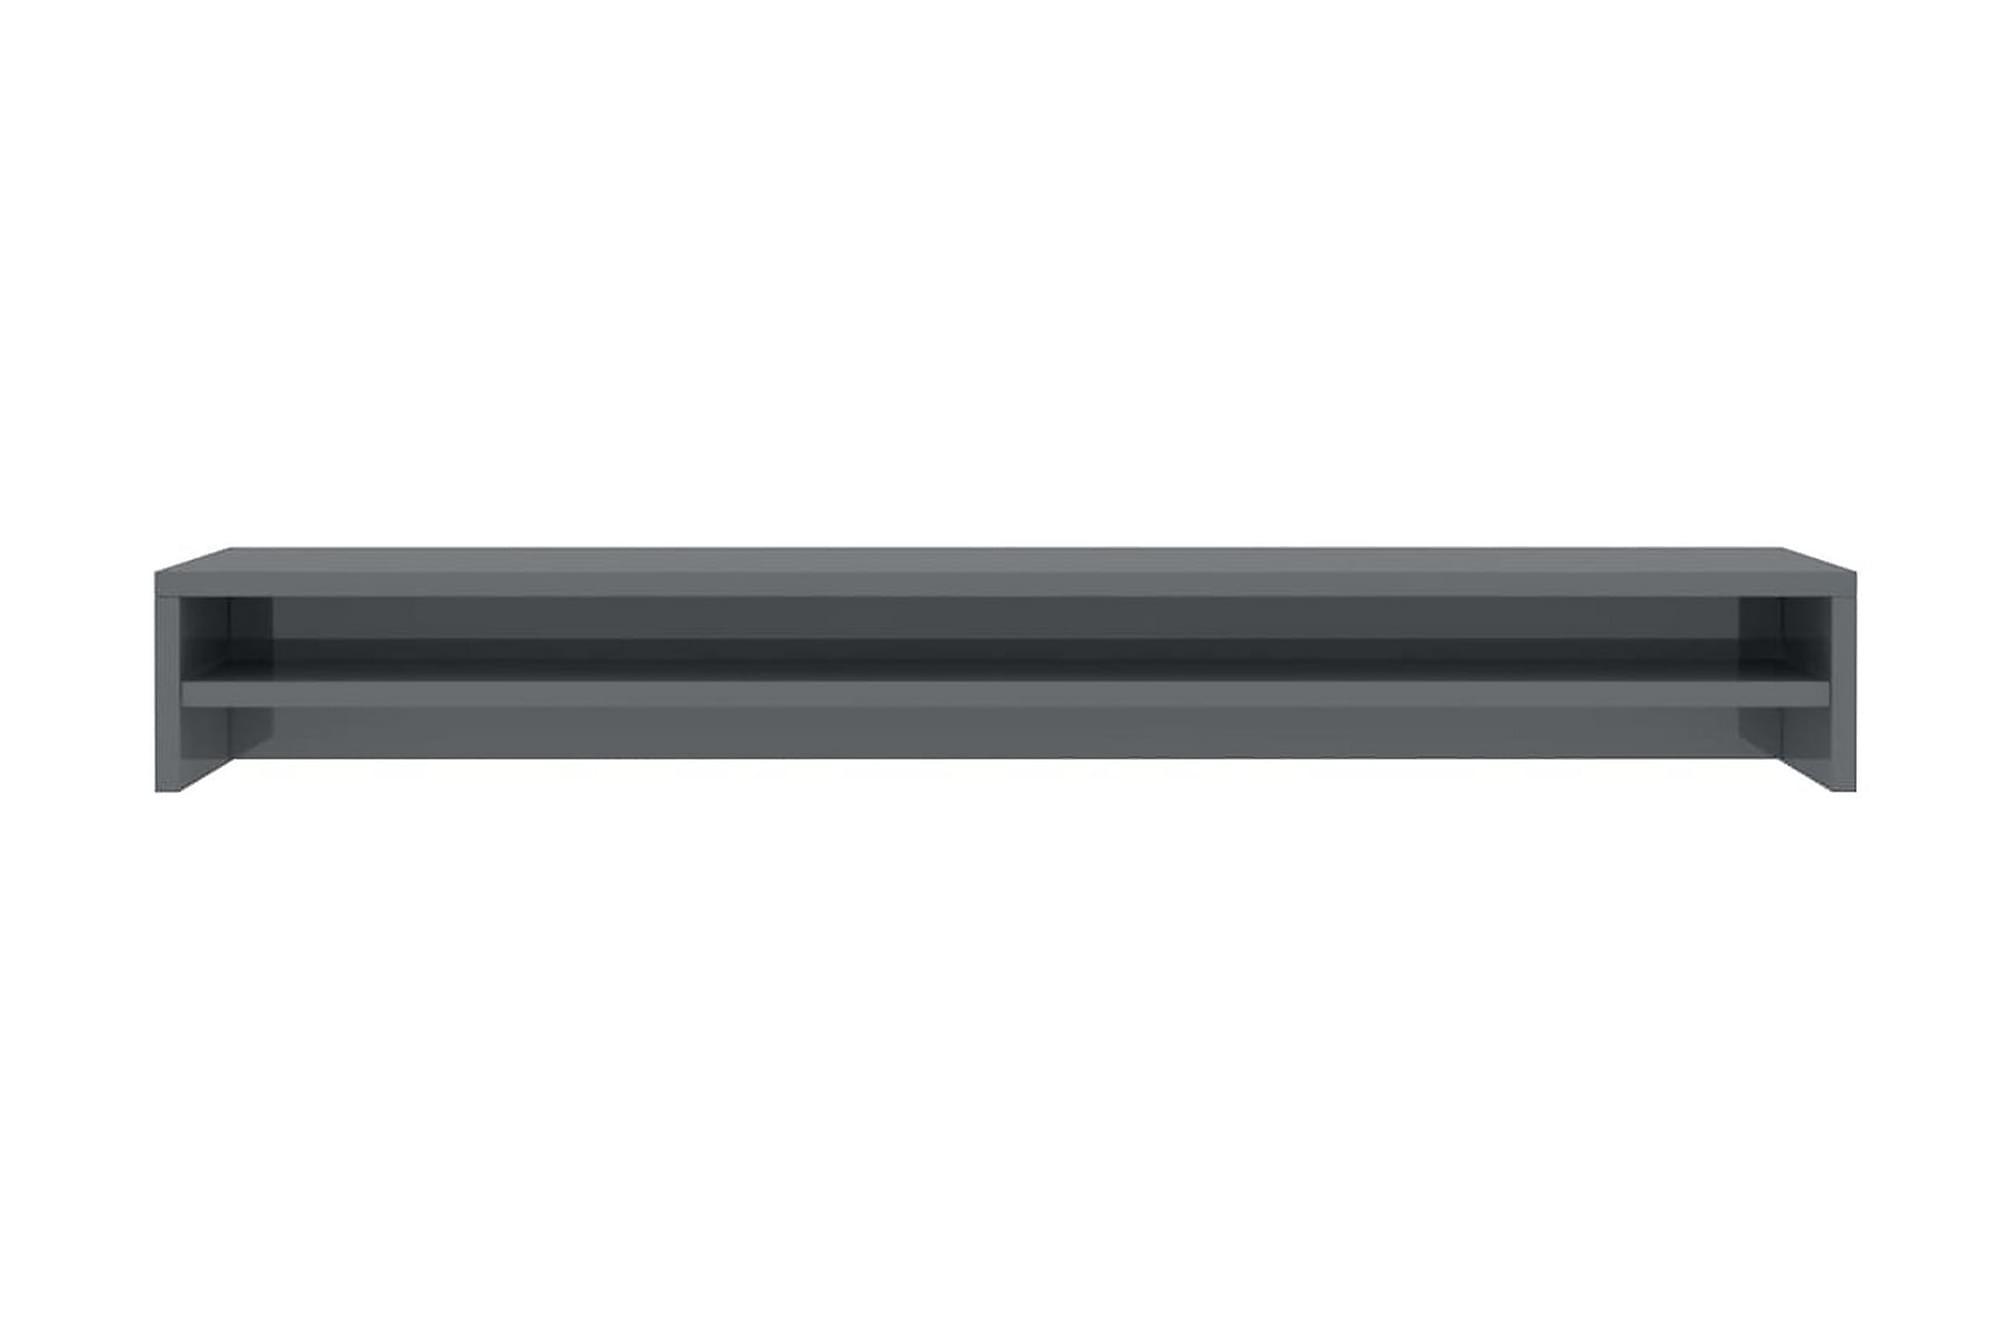 Skärmställ grå högglans 100x24x13 cm spånskiva, Tv-väggfästen